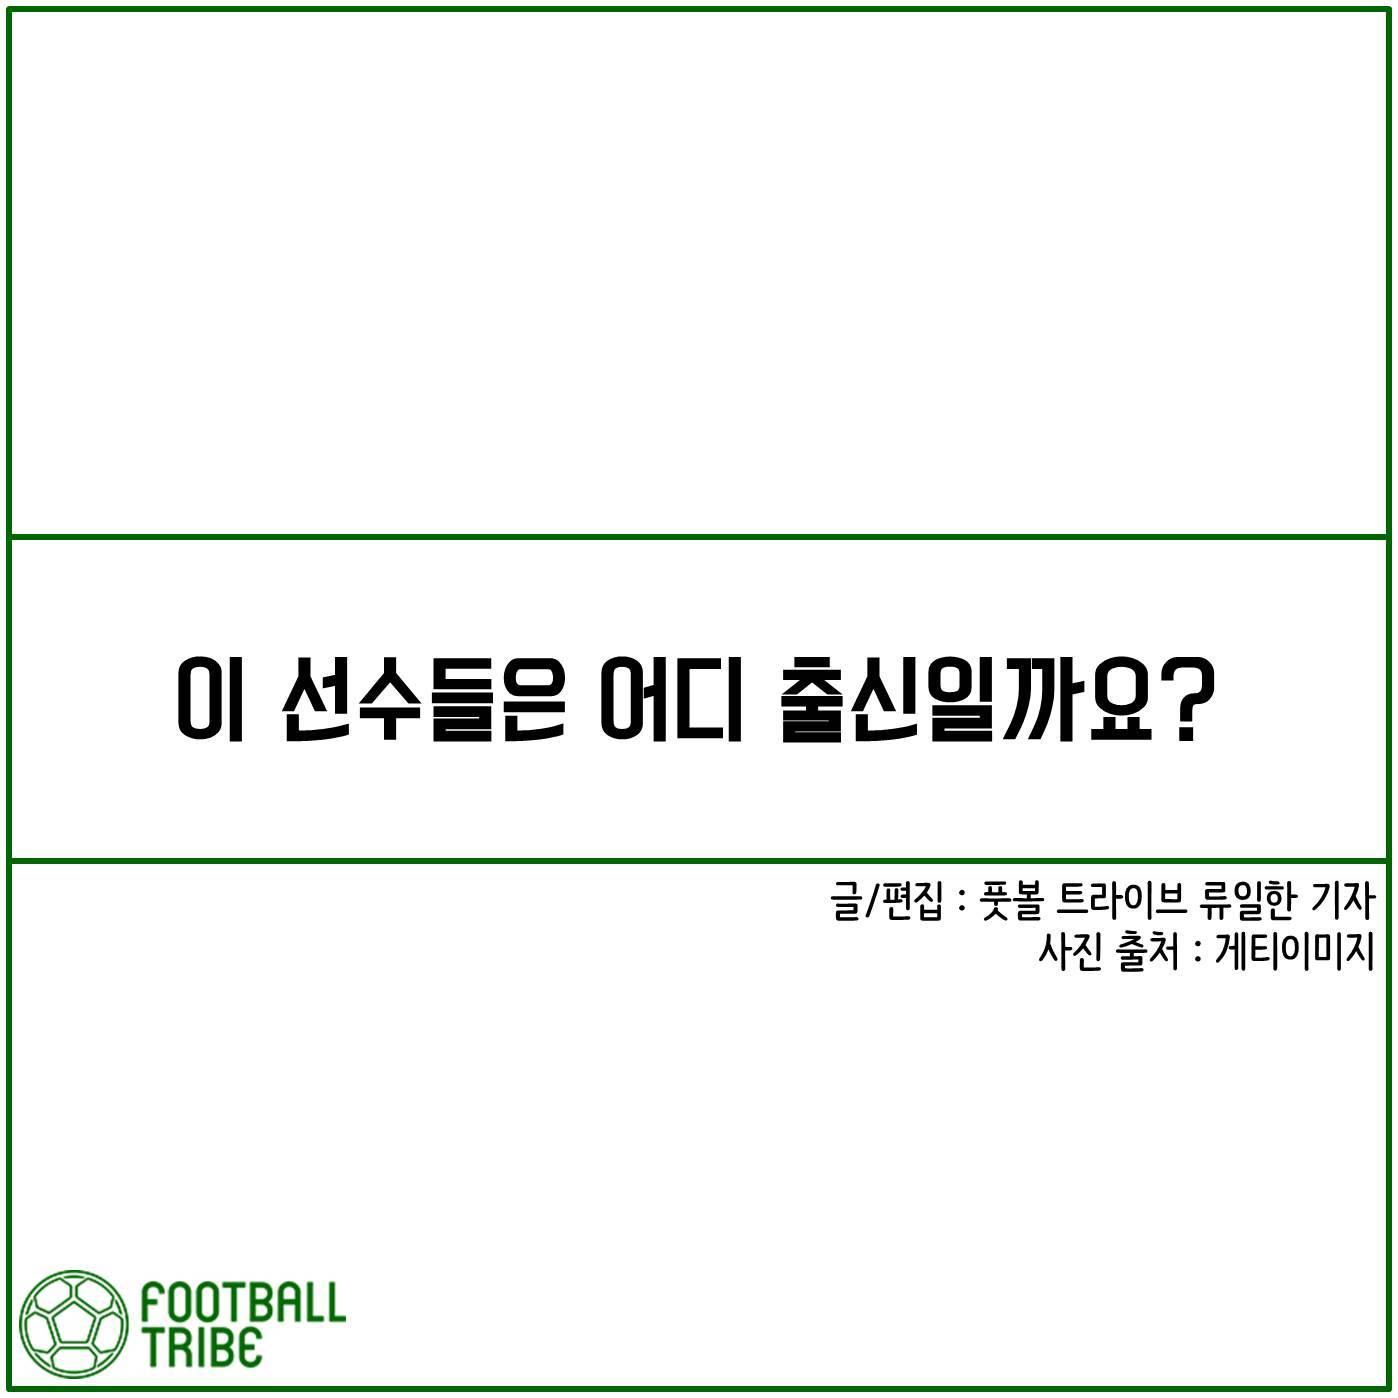 [카드 뉴스] 이 선수들은 어디 출신일까요?